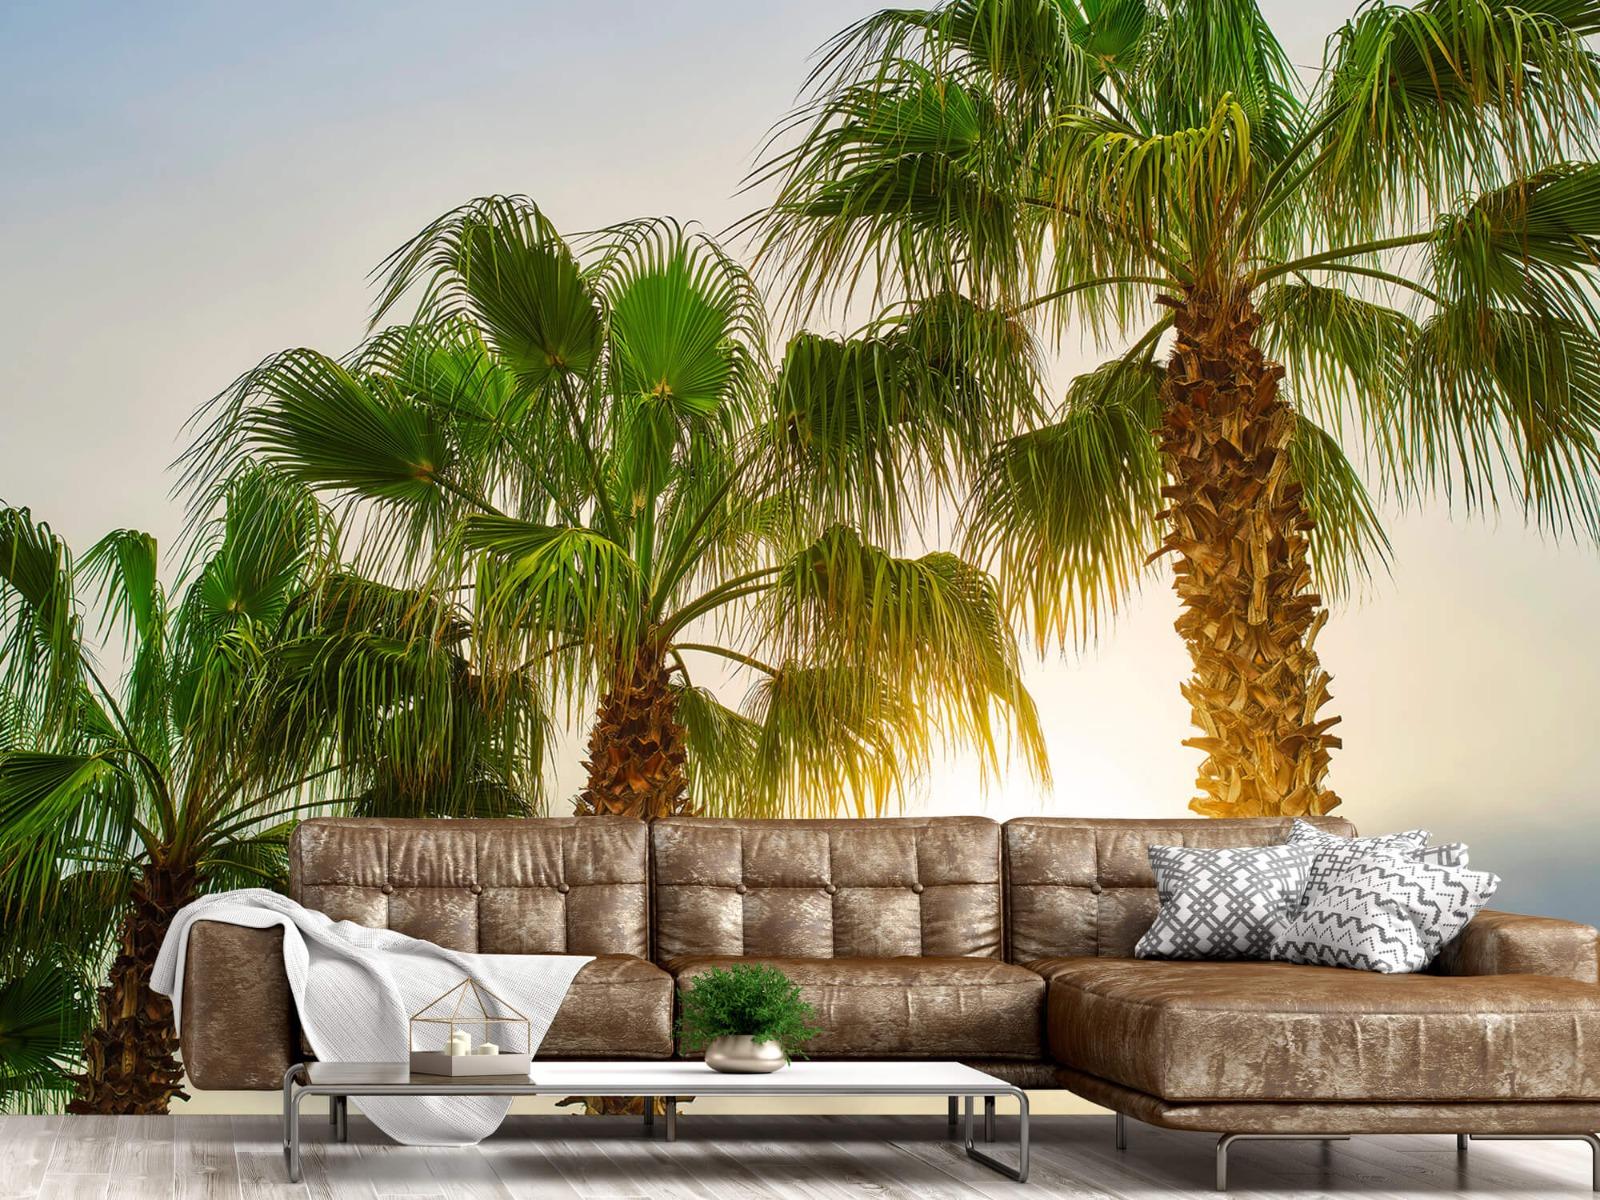 Palmbomen - Palmbomen met zon - Gang 14